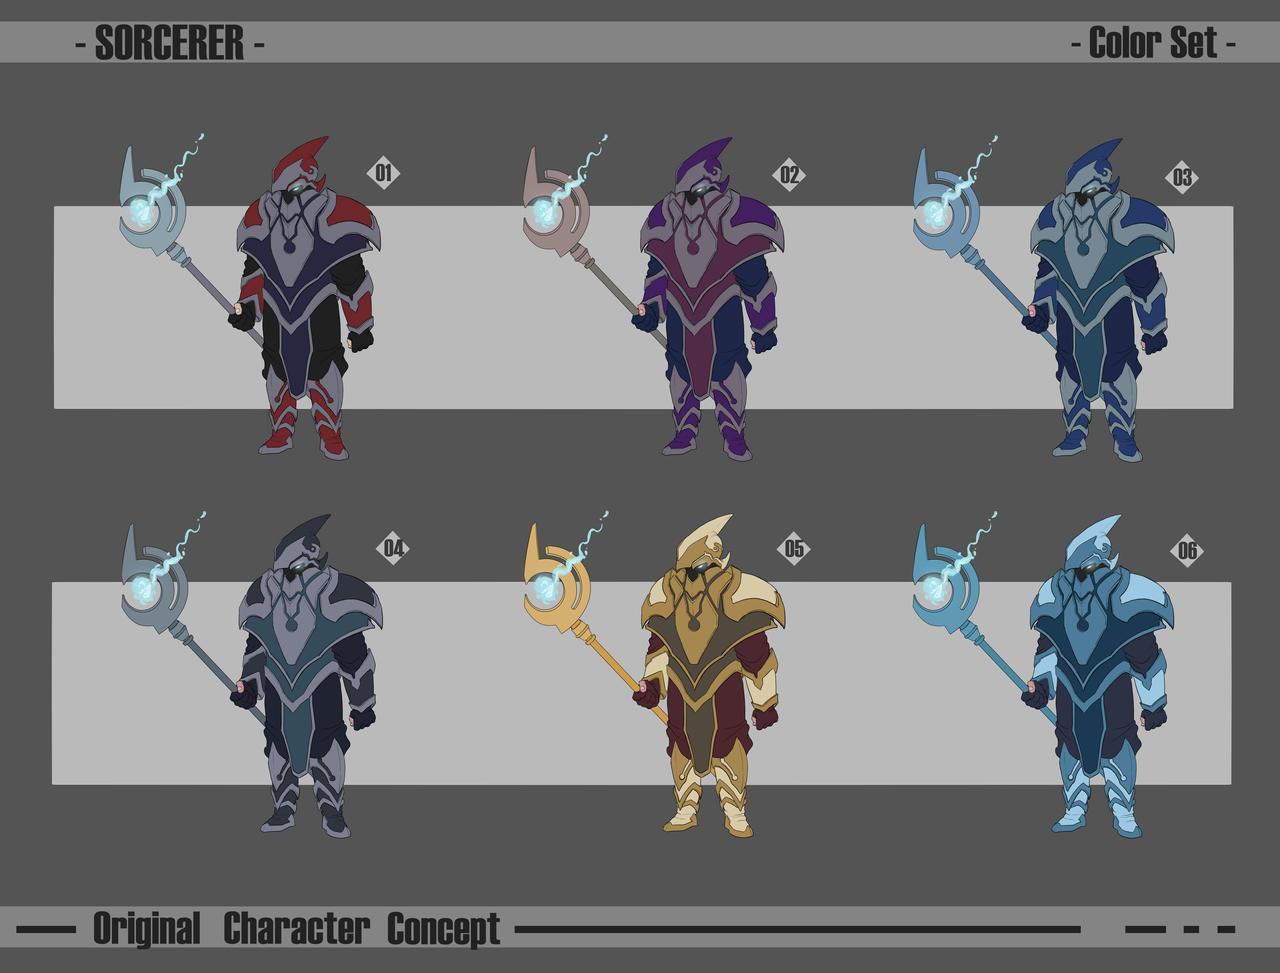 Sorcerer-color-set